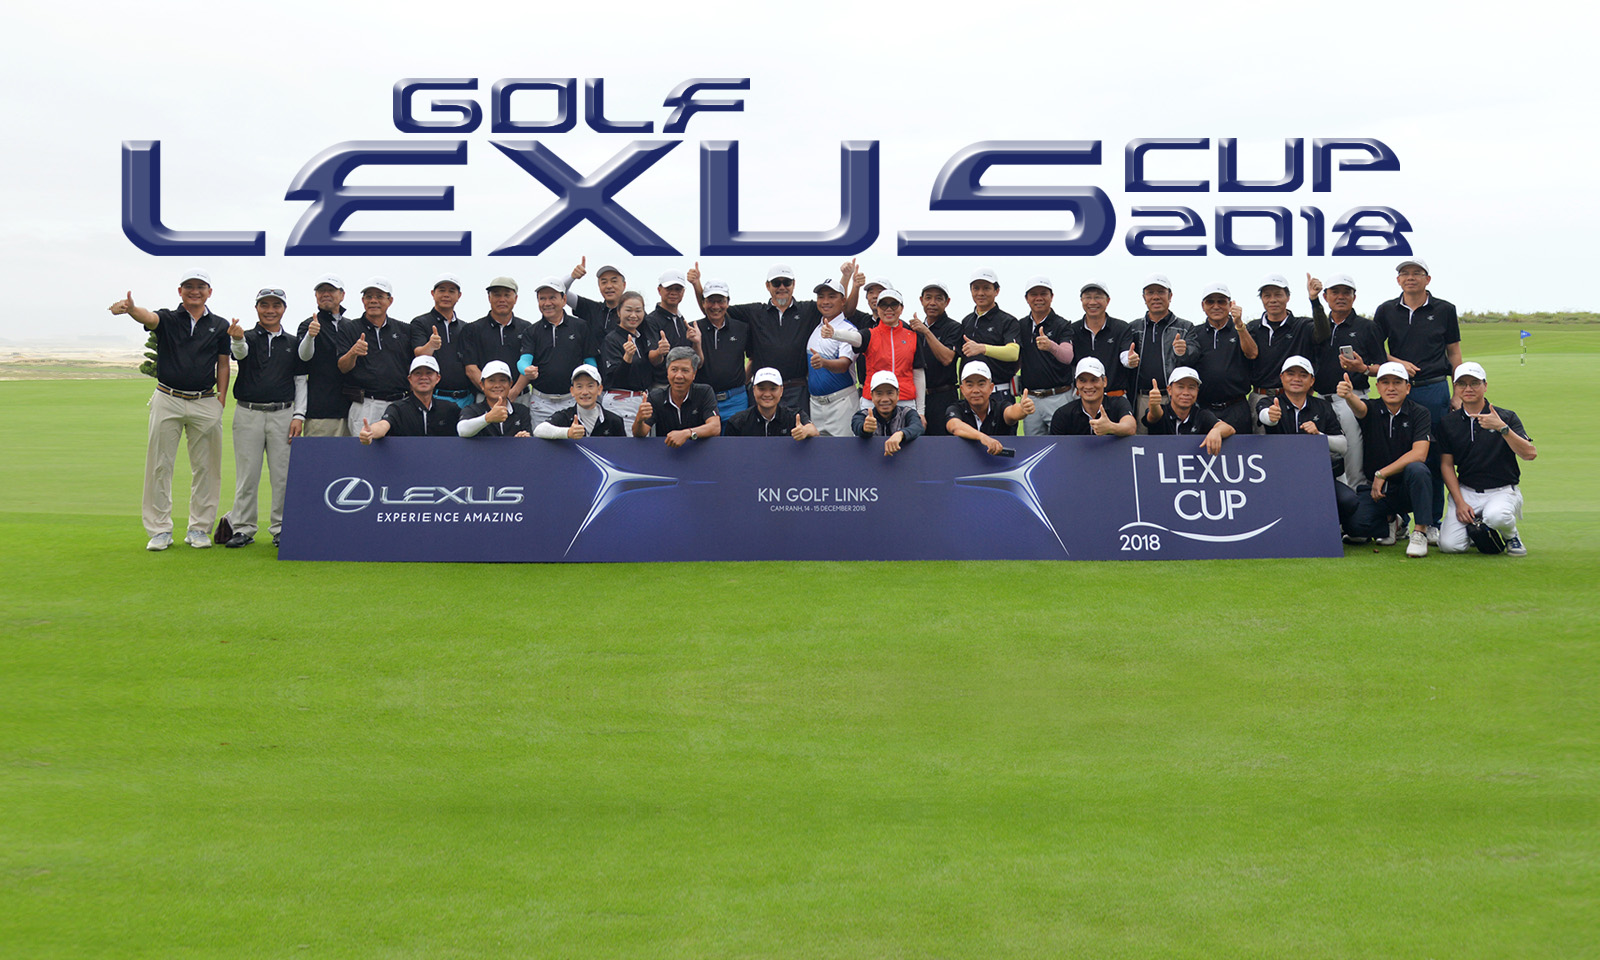 Golf Lexus Cup 2018: Hành trình truyền cảm hứng với trải nghiệm đẳng cấp